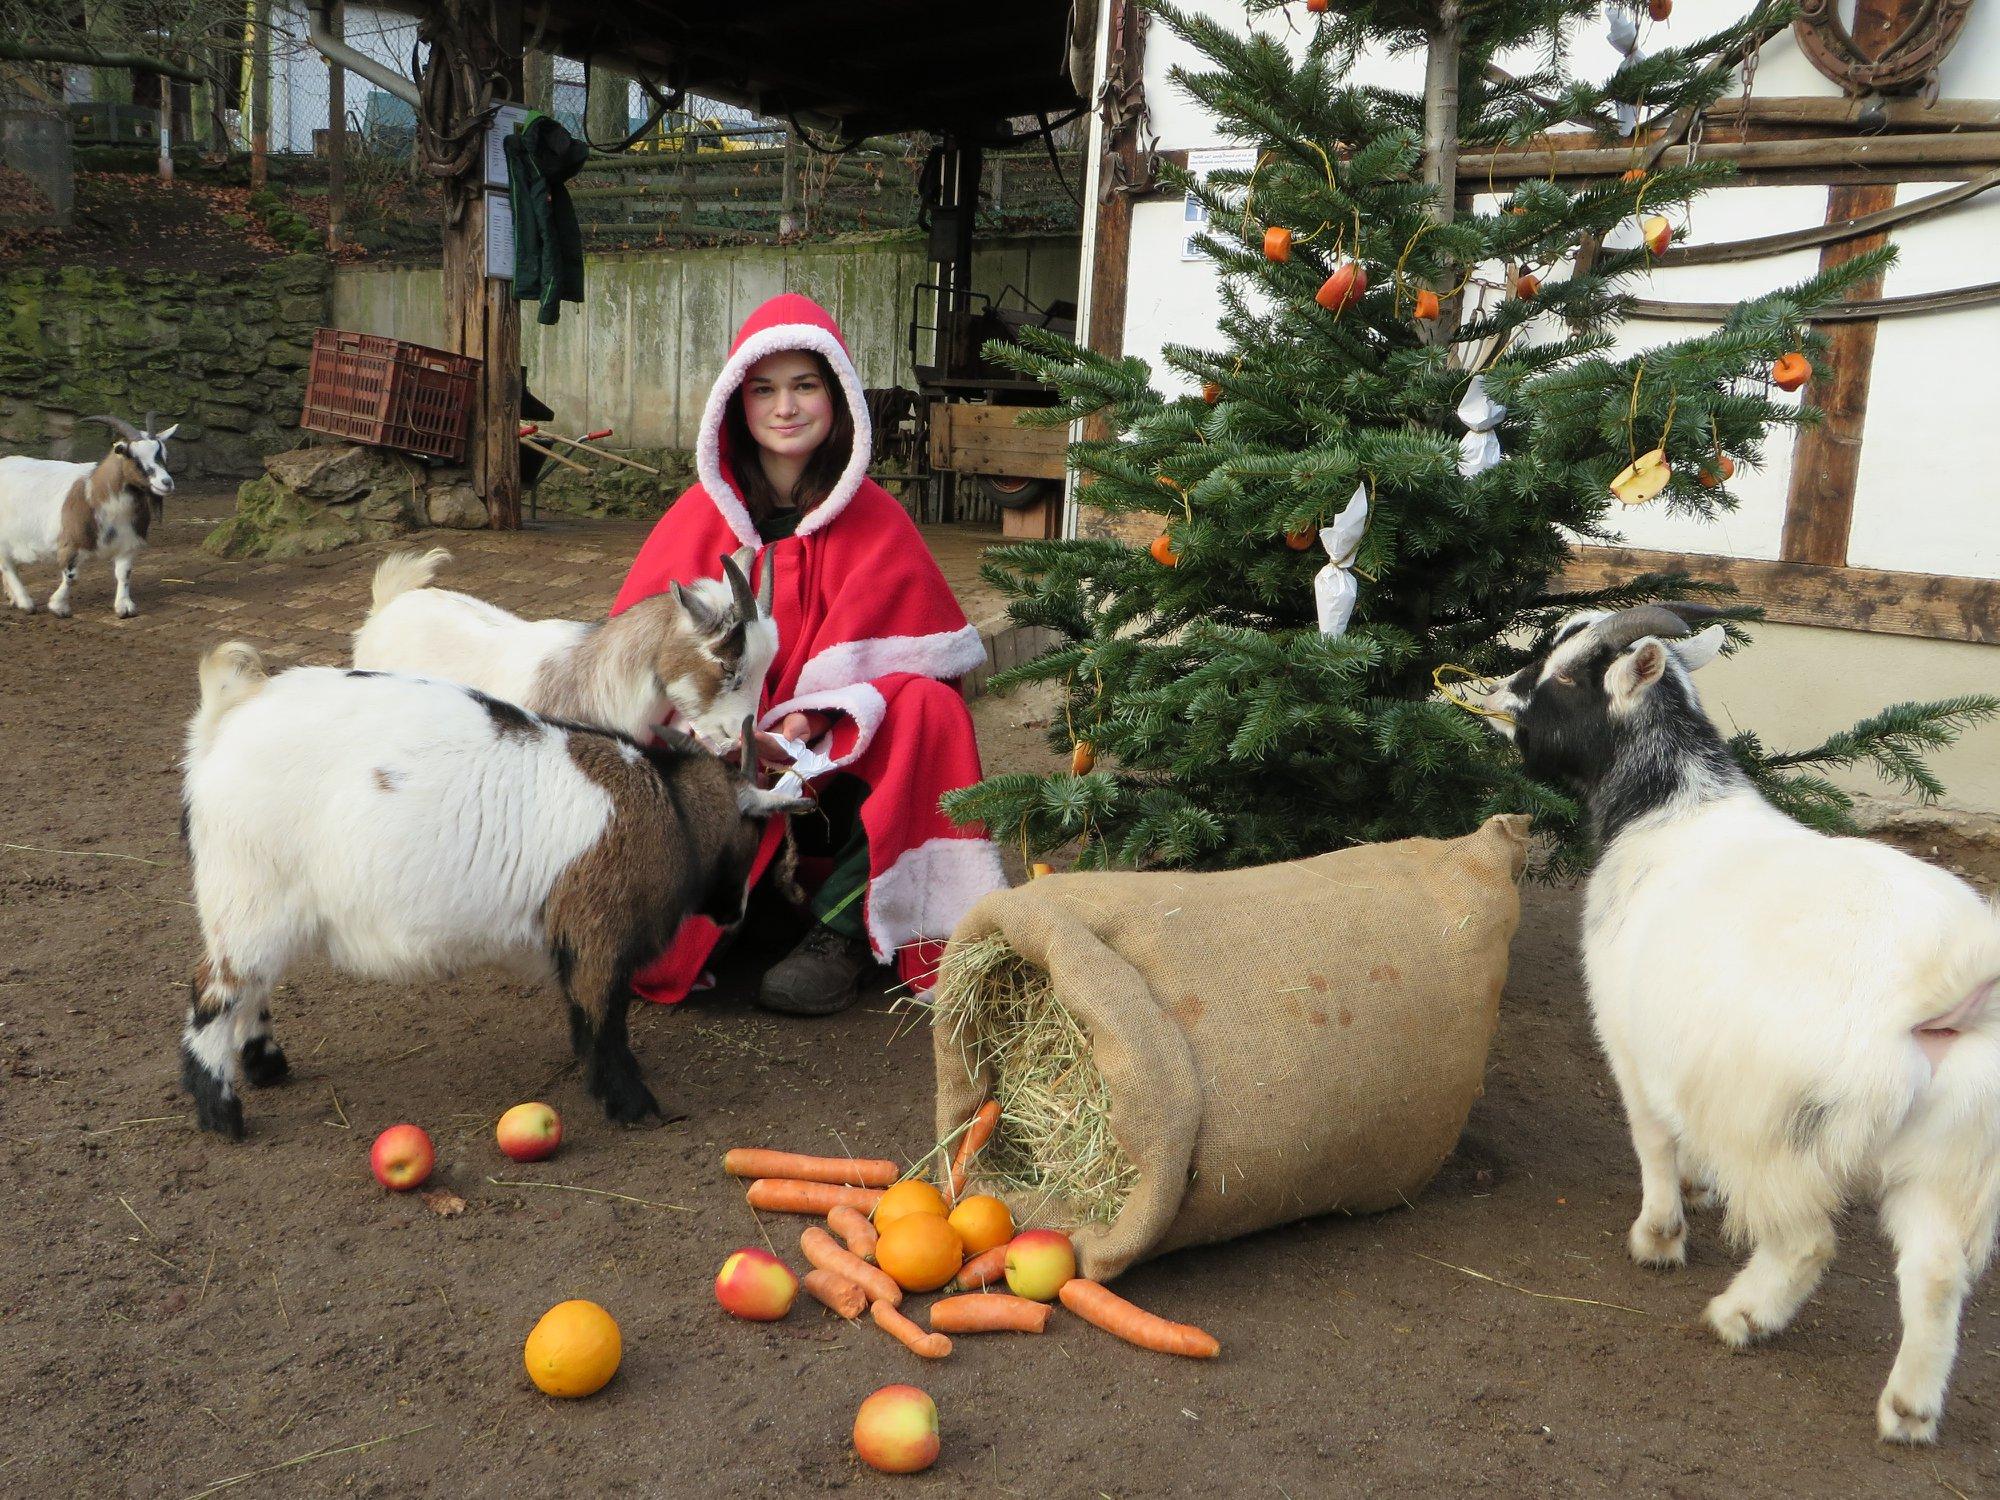 Der Weihnachtsbaum bei den Ziegen.